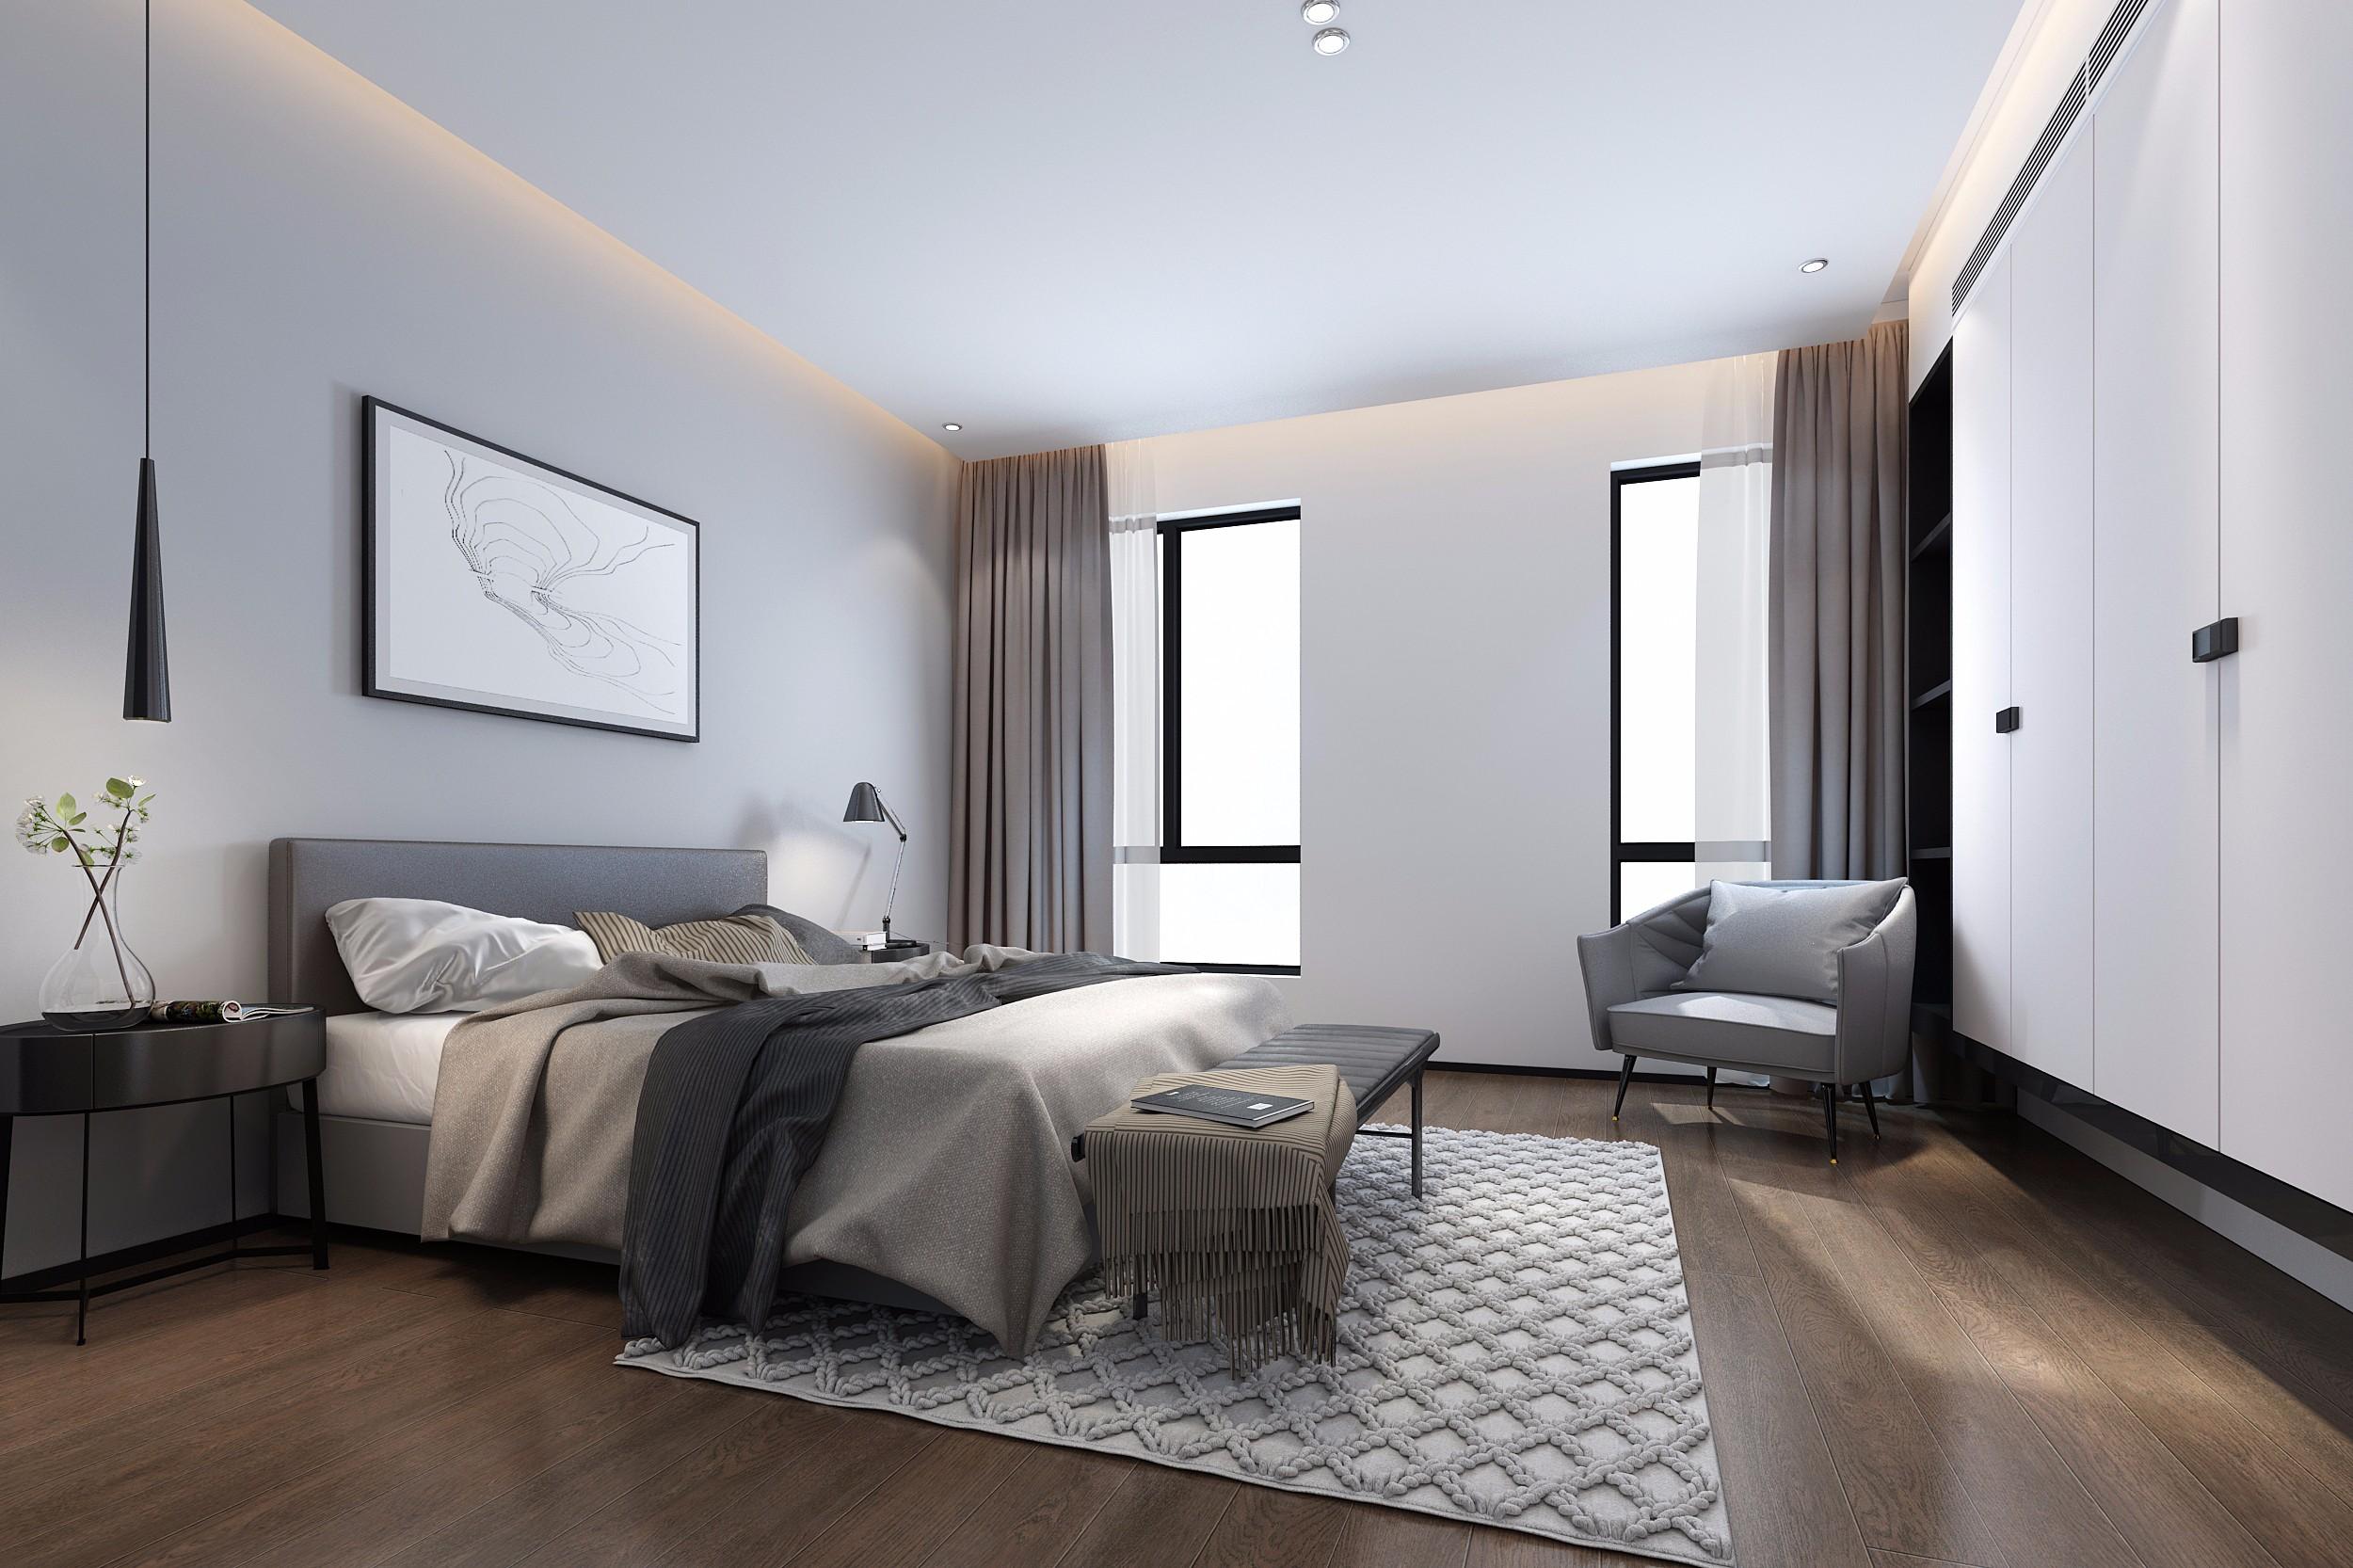 背景墙 房间 家居 起居室 设计 卧室 卧室装修 现代 装修 2500_1666